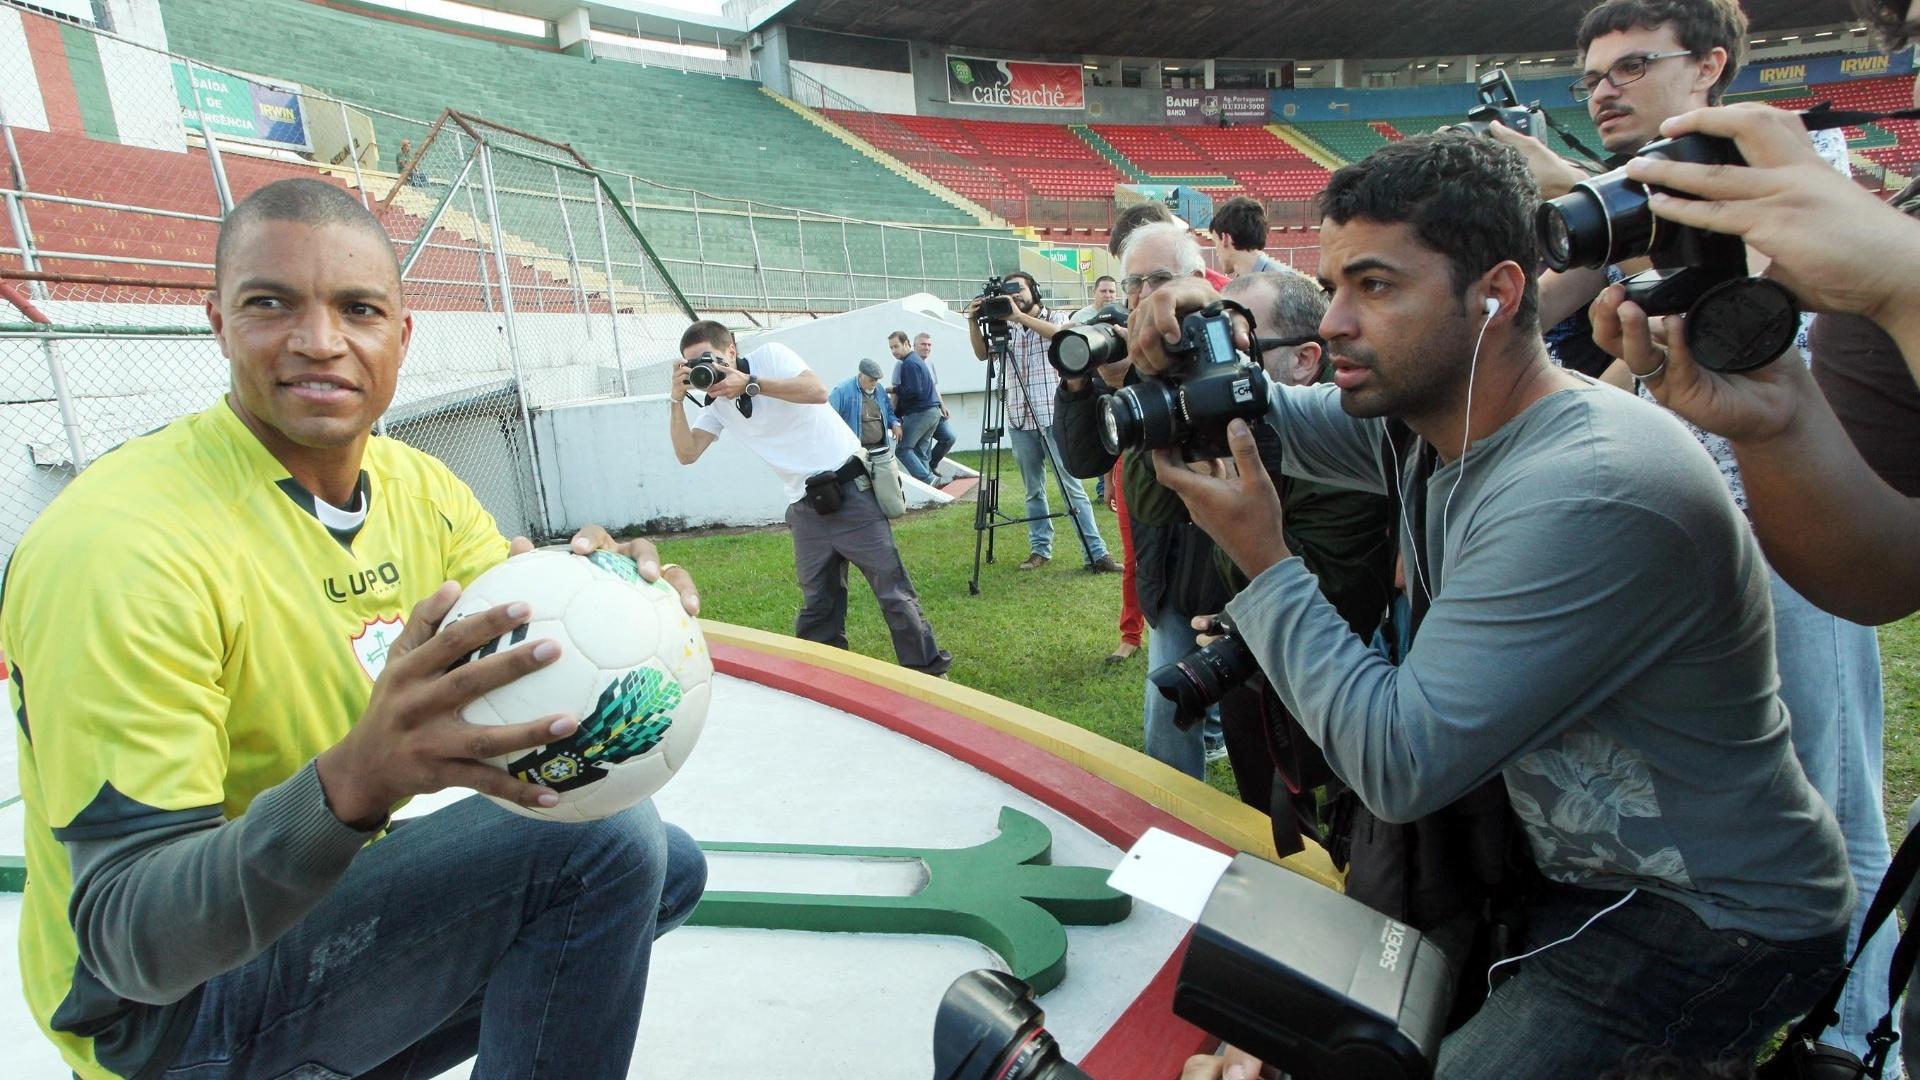 O goleiro Dida é fotografado por jornalistas durante apresentação à Portuguesa nesta sexta-feira